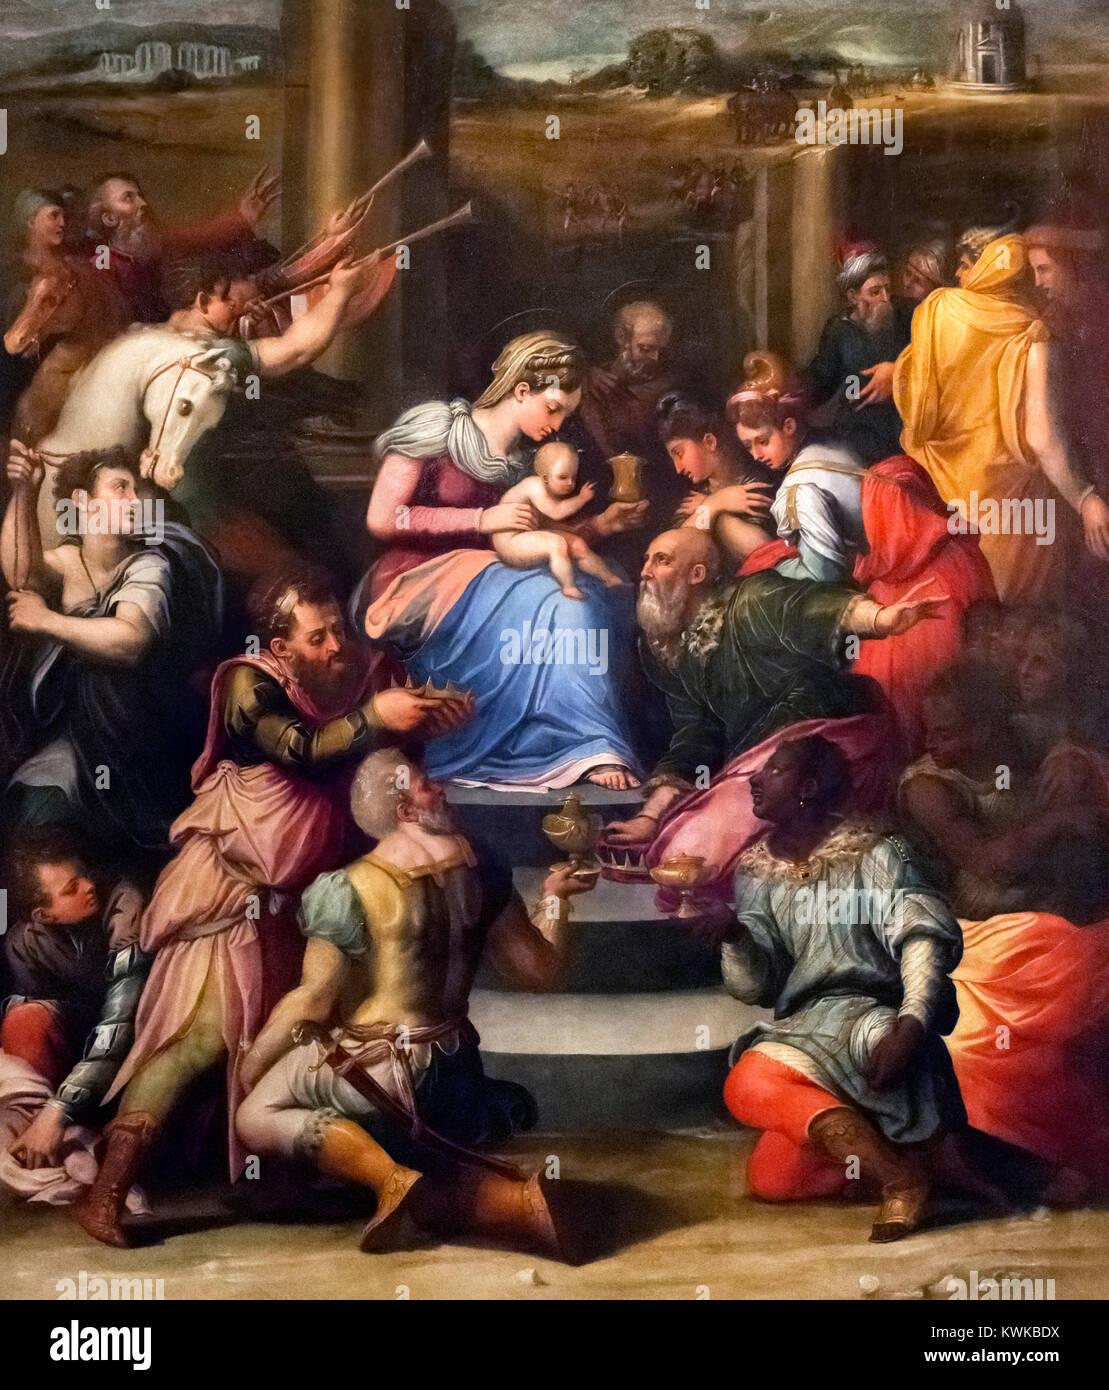 The Adoration of the Magi by Raffaellino del Colle (1490-1566) - Stock Image